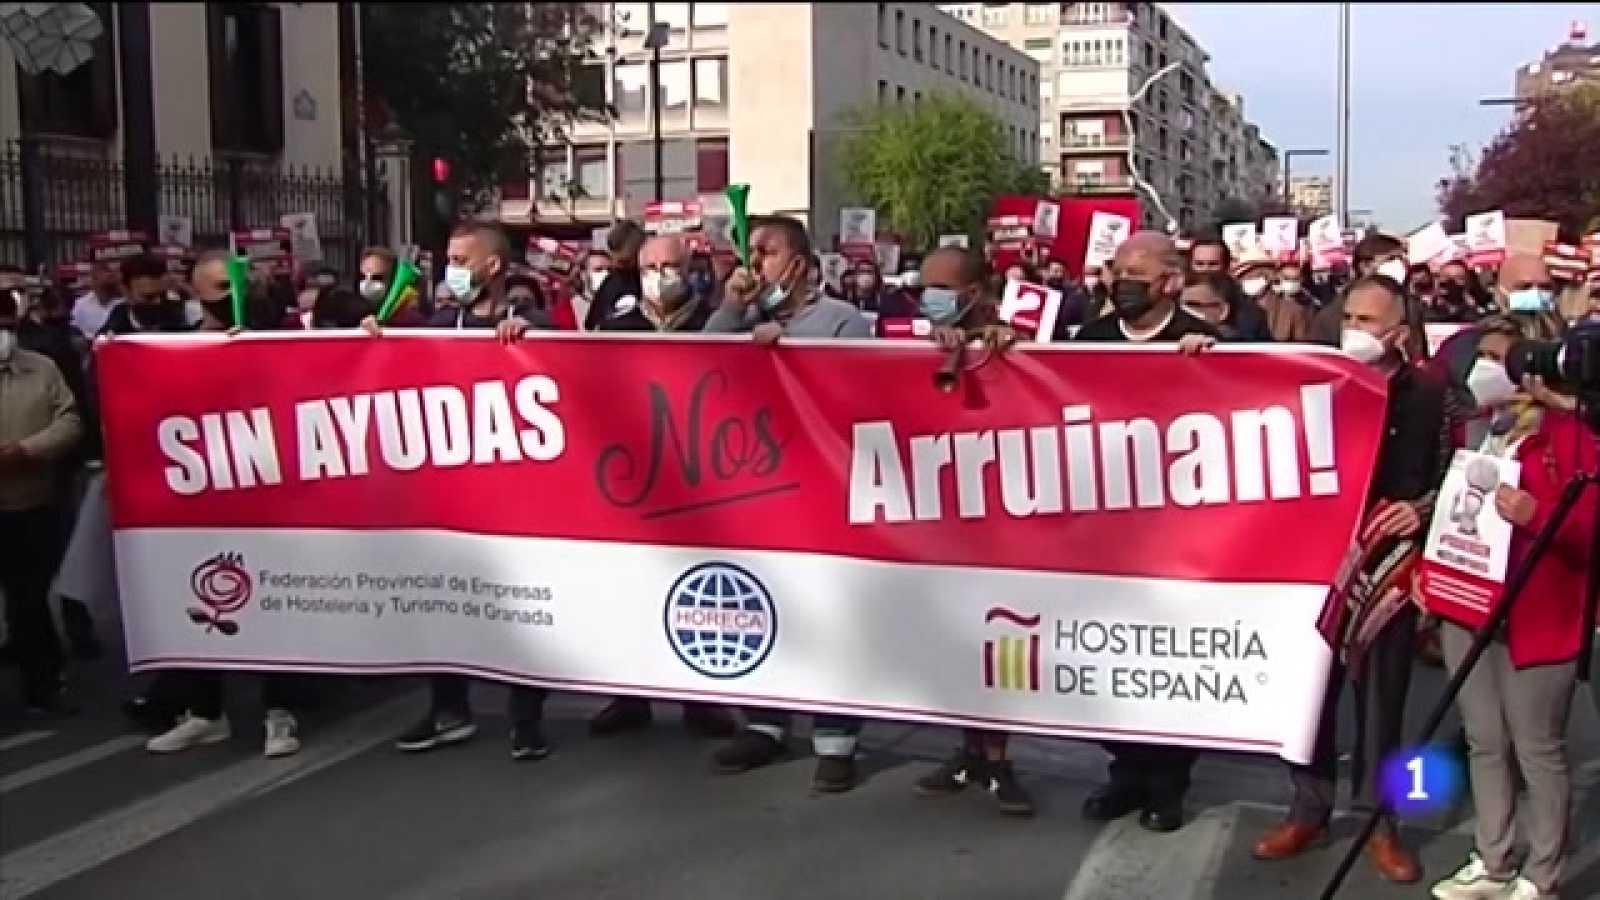 Los profesionales de la hostelería de Andalucía toman las calles